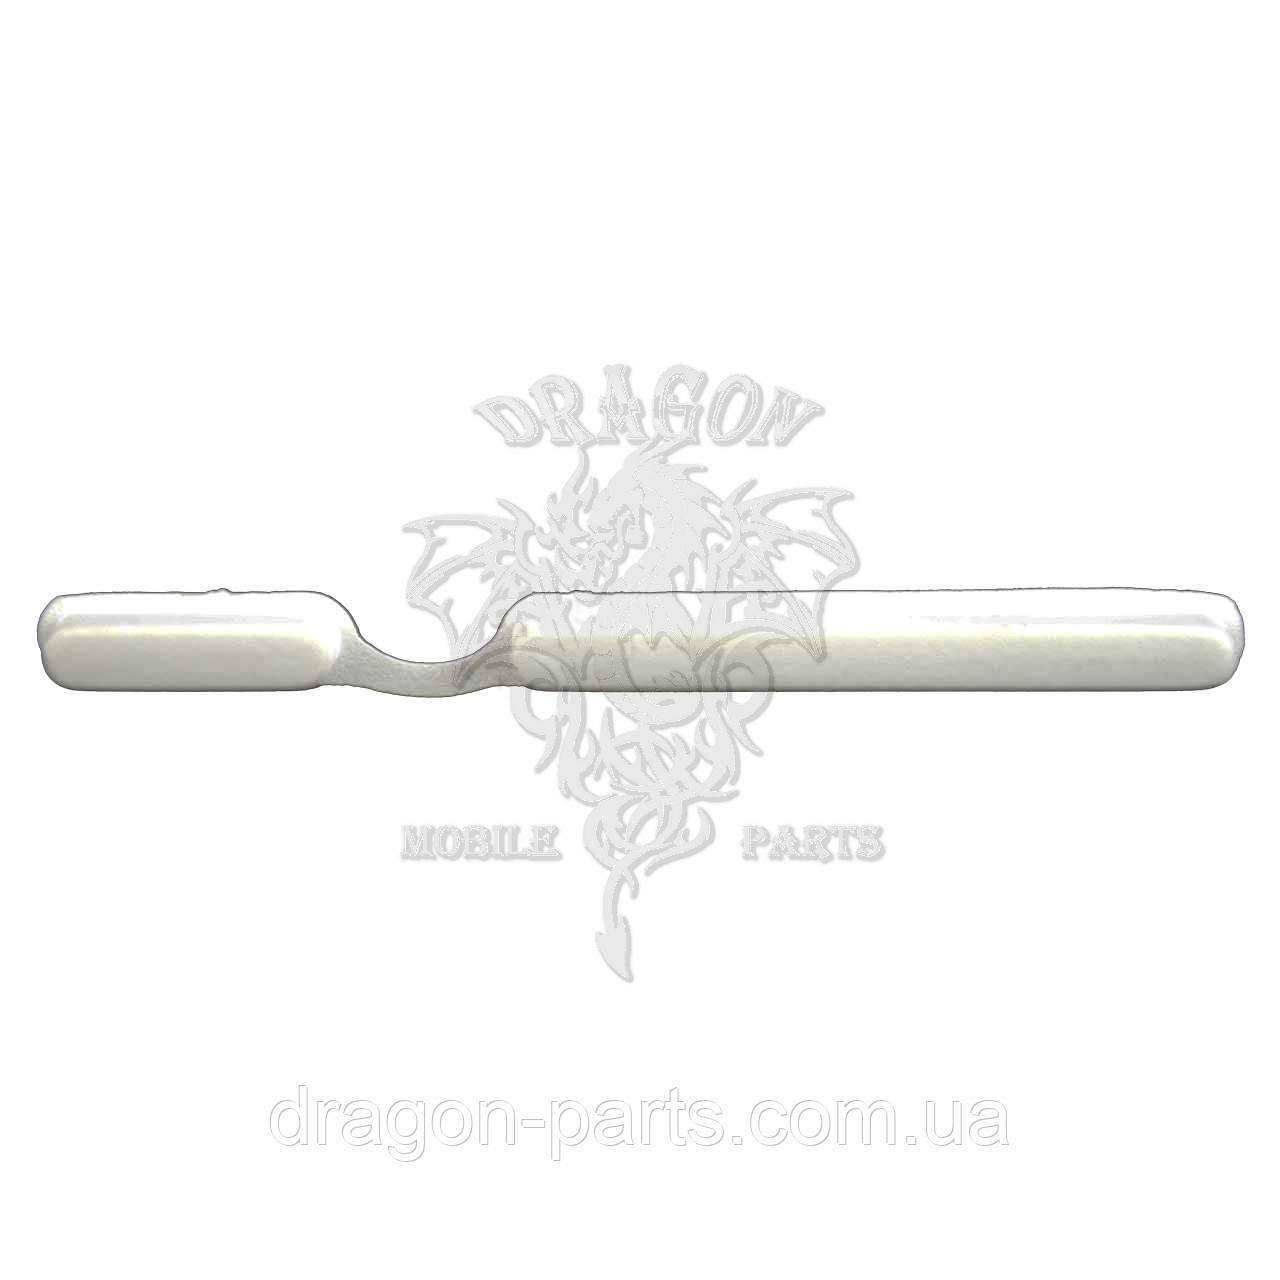 Кнопка громкости и включения Nomi Corsa 3 C070012 белая, оригинал